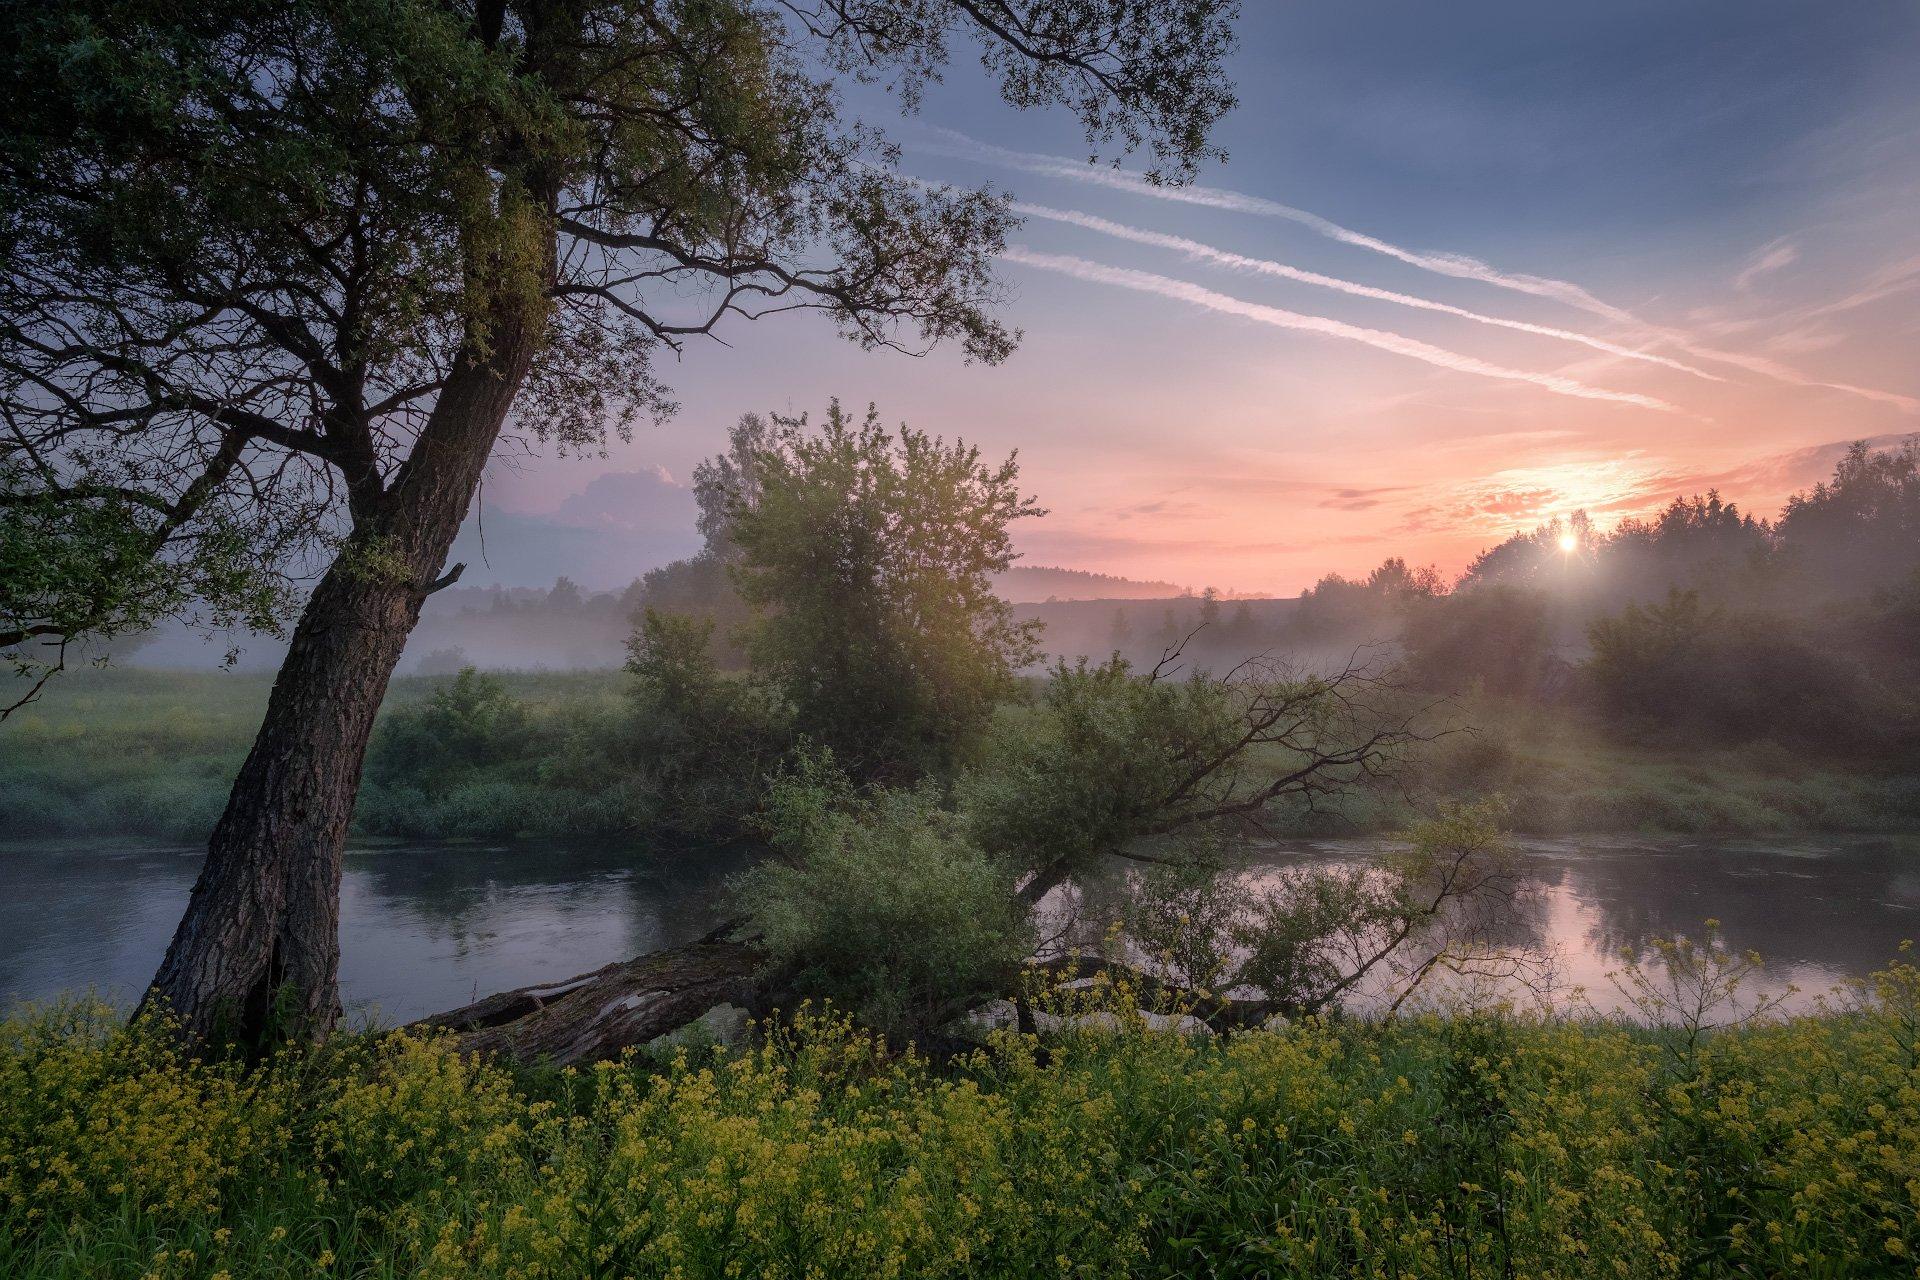 истра, река, пейзаж, рассвет, небо, следы, самолеты, трассы, дерево, цветы, туман, утро, Андрей Чиж